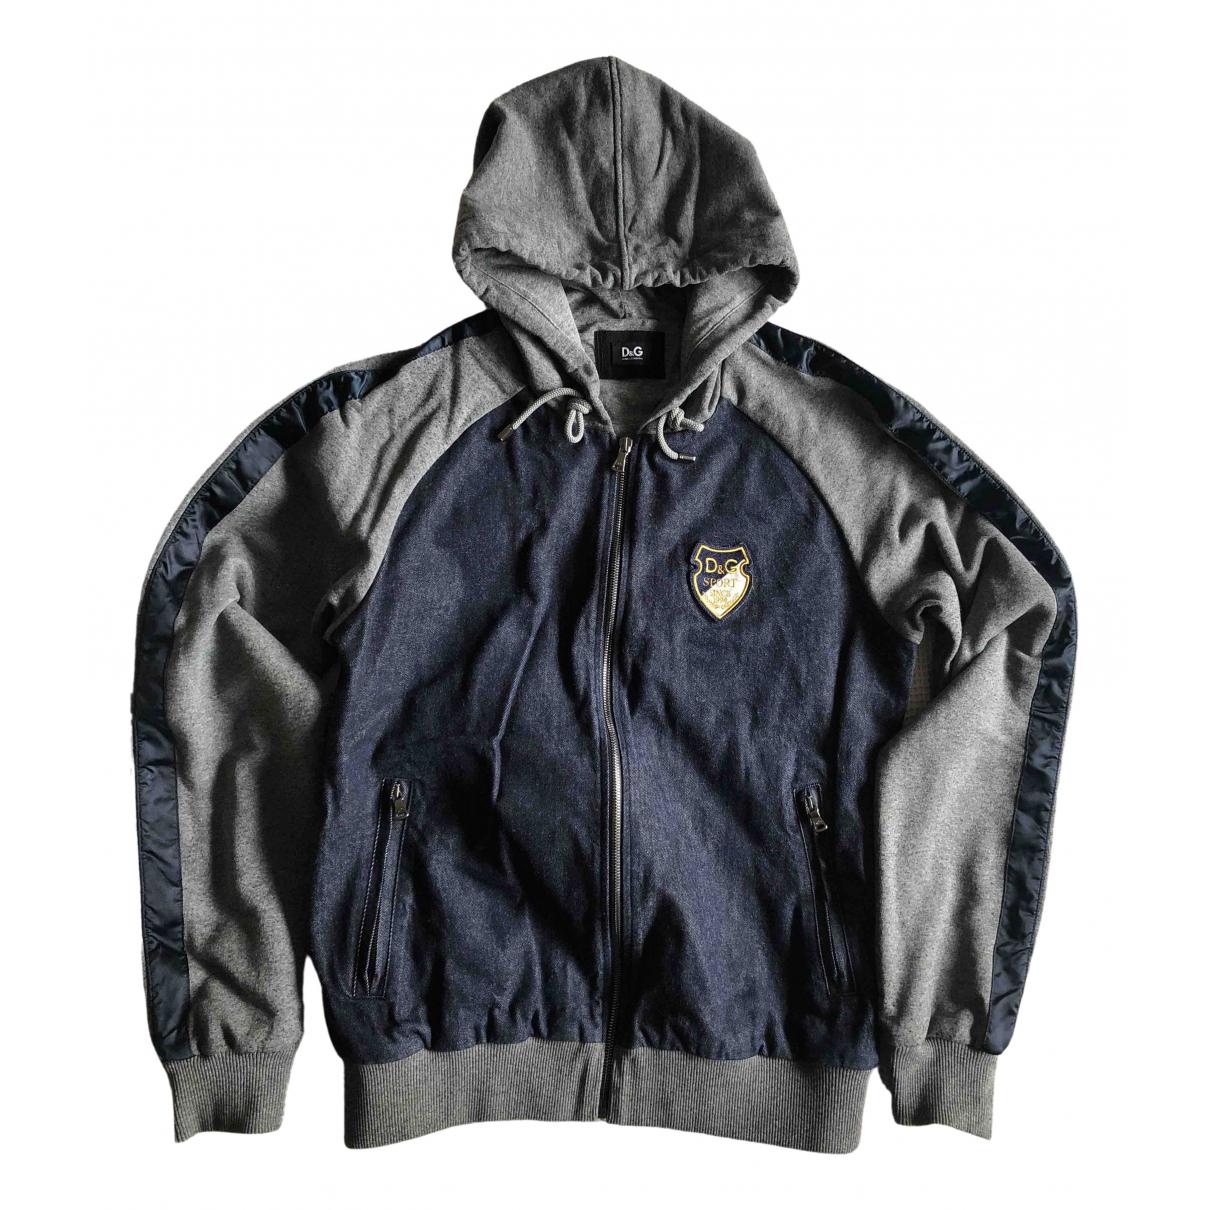 Dolce & Gabbana N Blue Cotton Knitwear & Sweatshirts for Men 50 IT